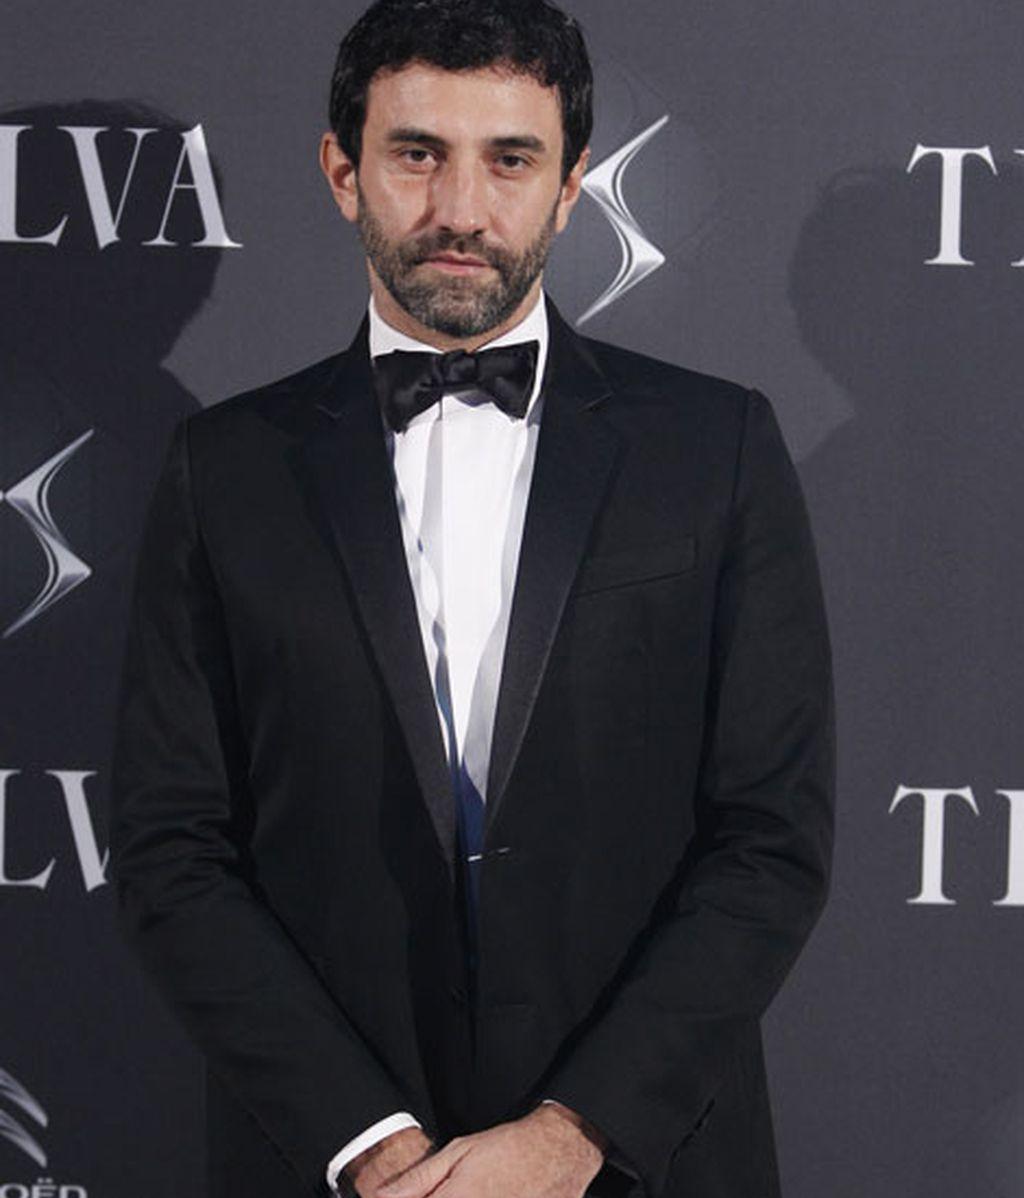 El diseñador Ricardo Tisci, premiado a mejor diseñador internacional